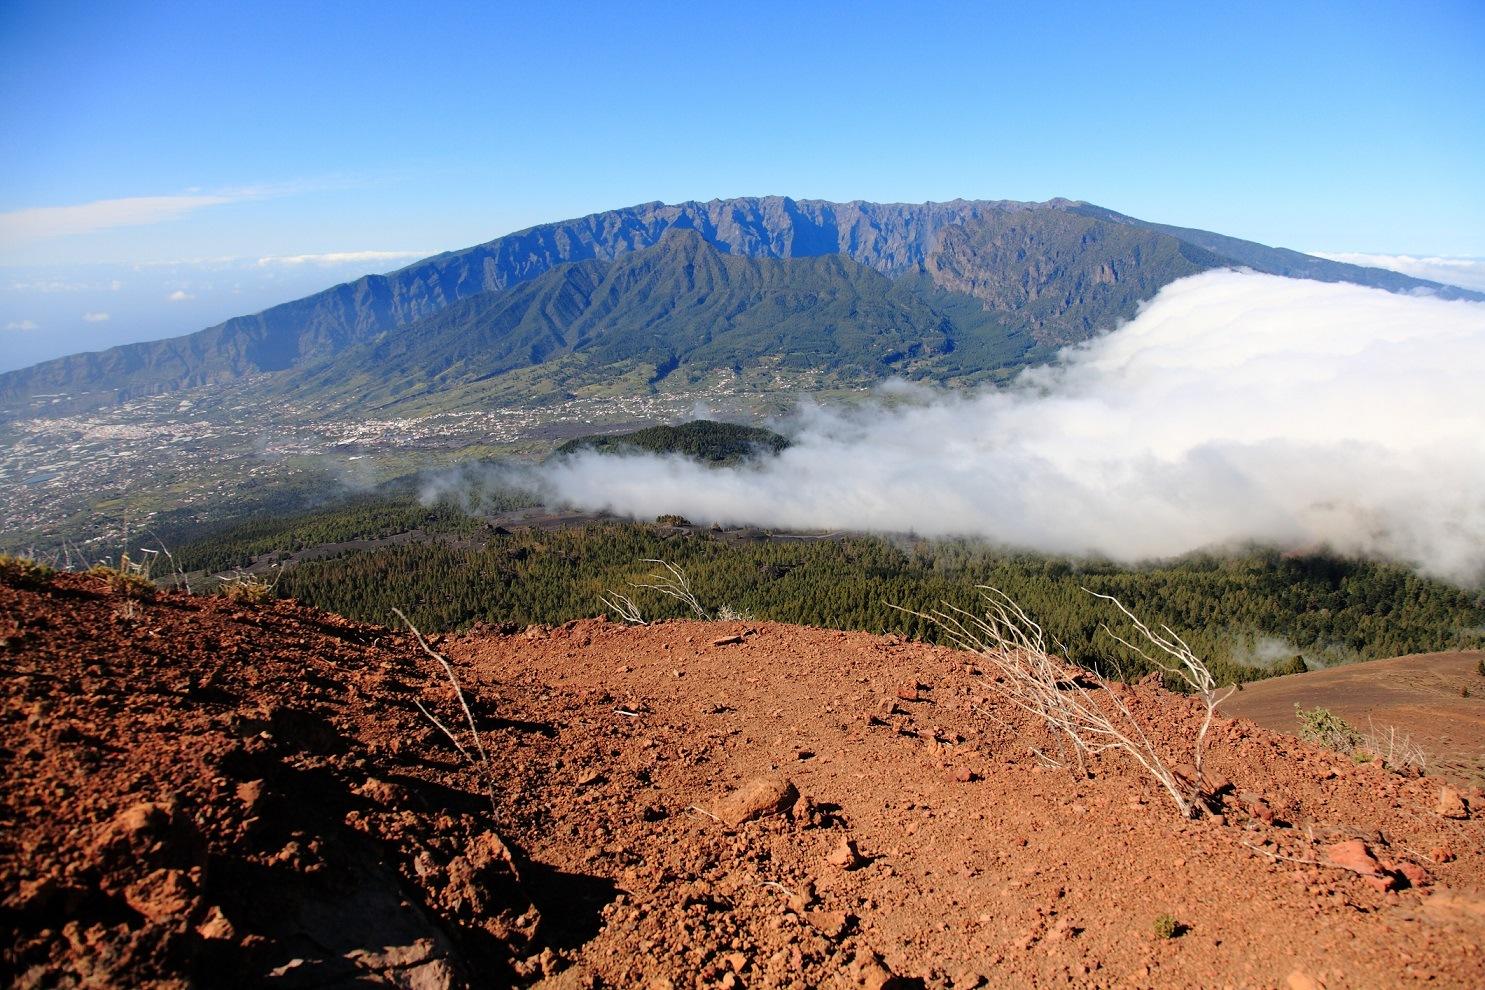 Cumbre Vieja Volcano